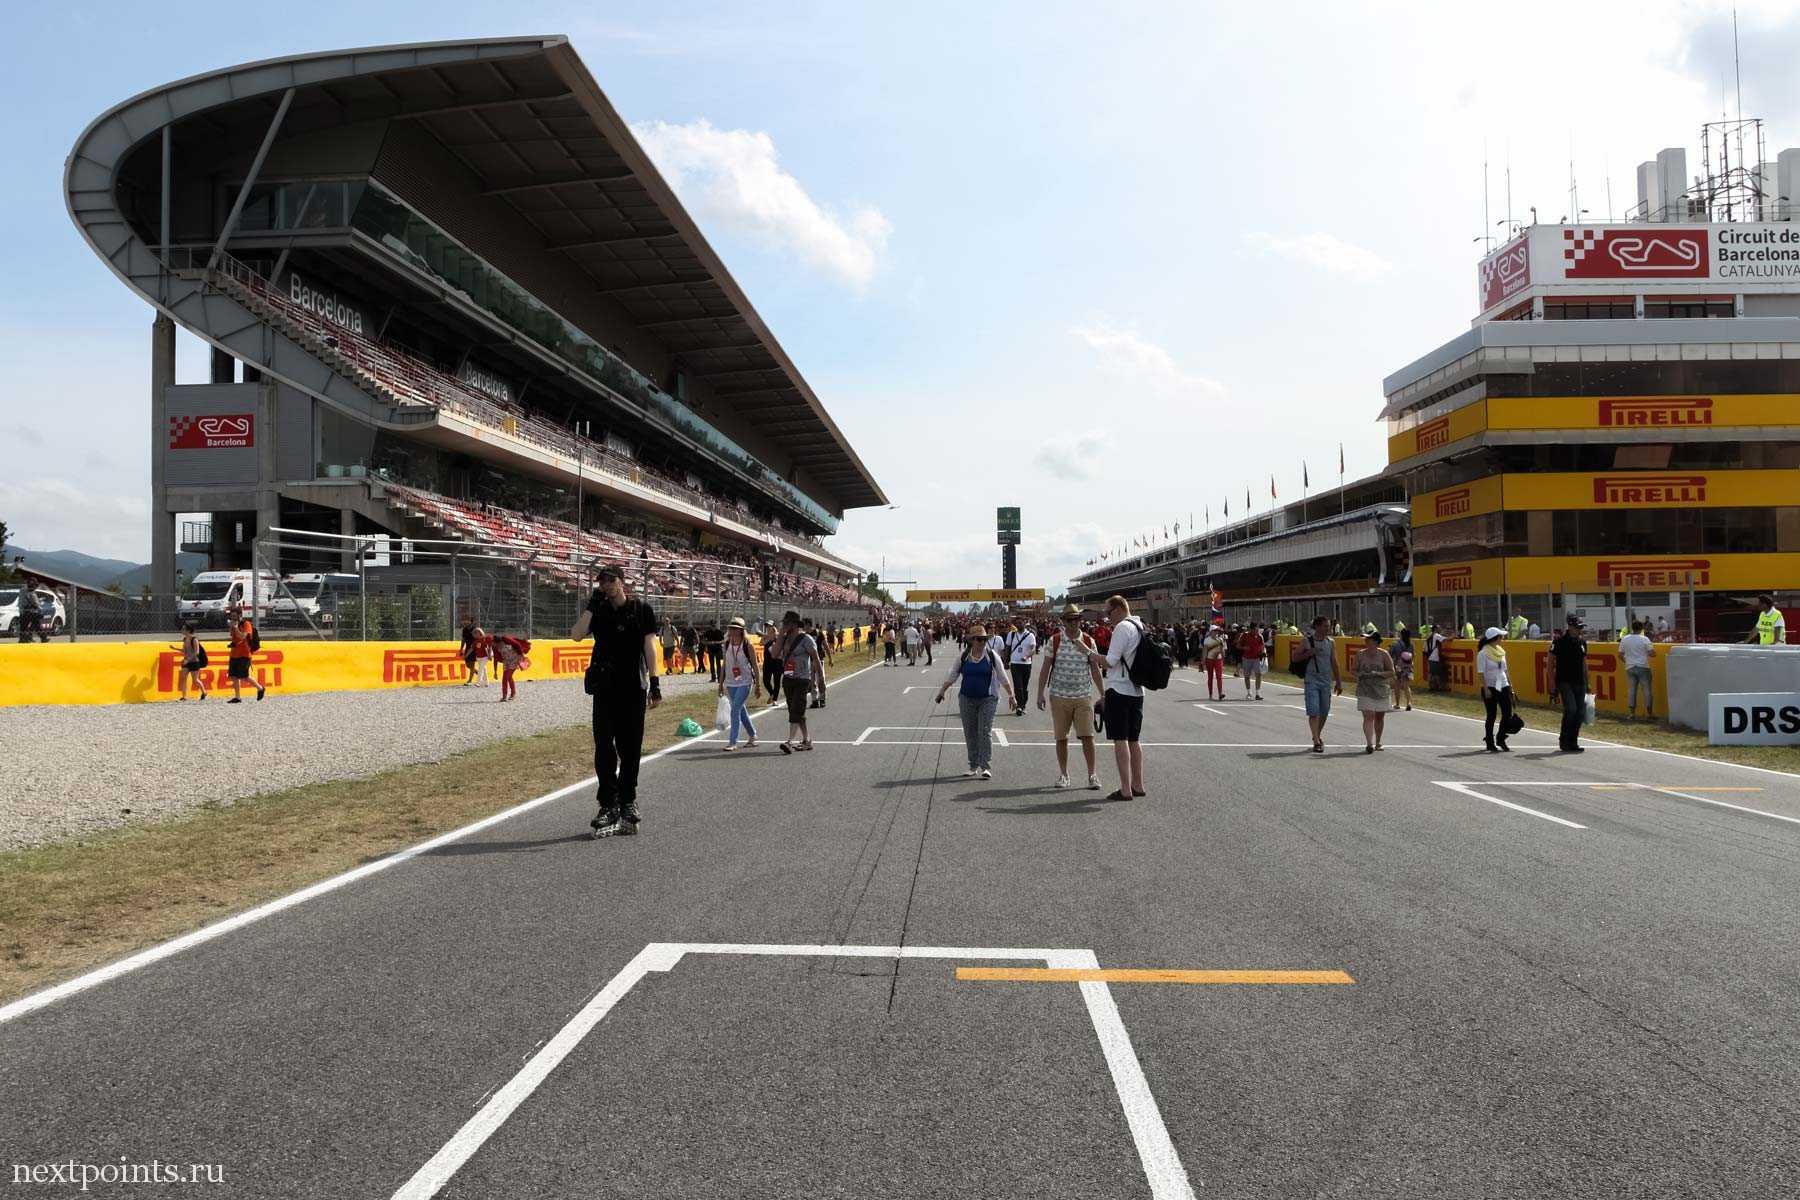 Формула 1 - Circuit de Barcelona-Catalunya, главная трибуна